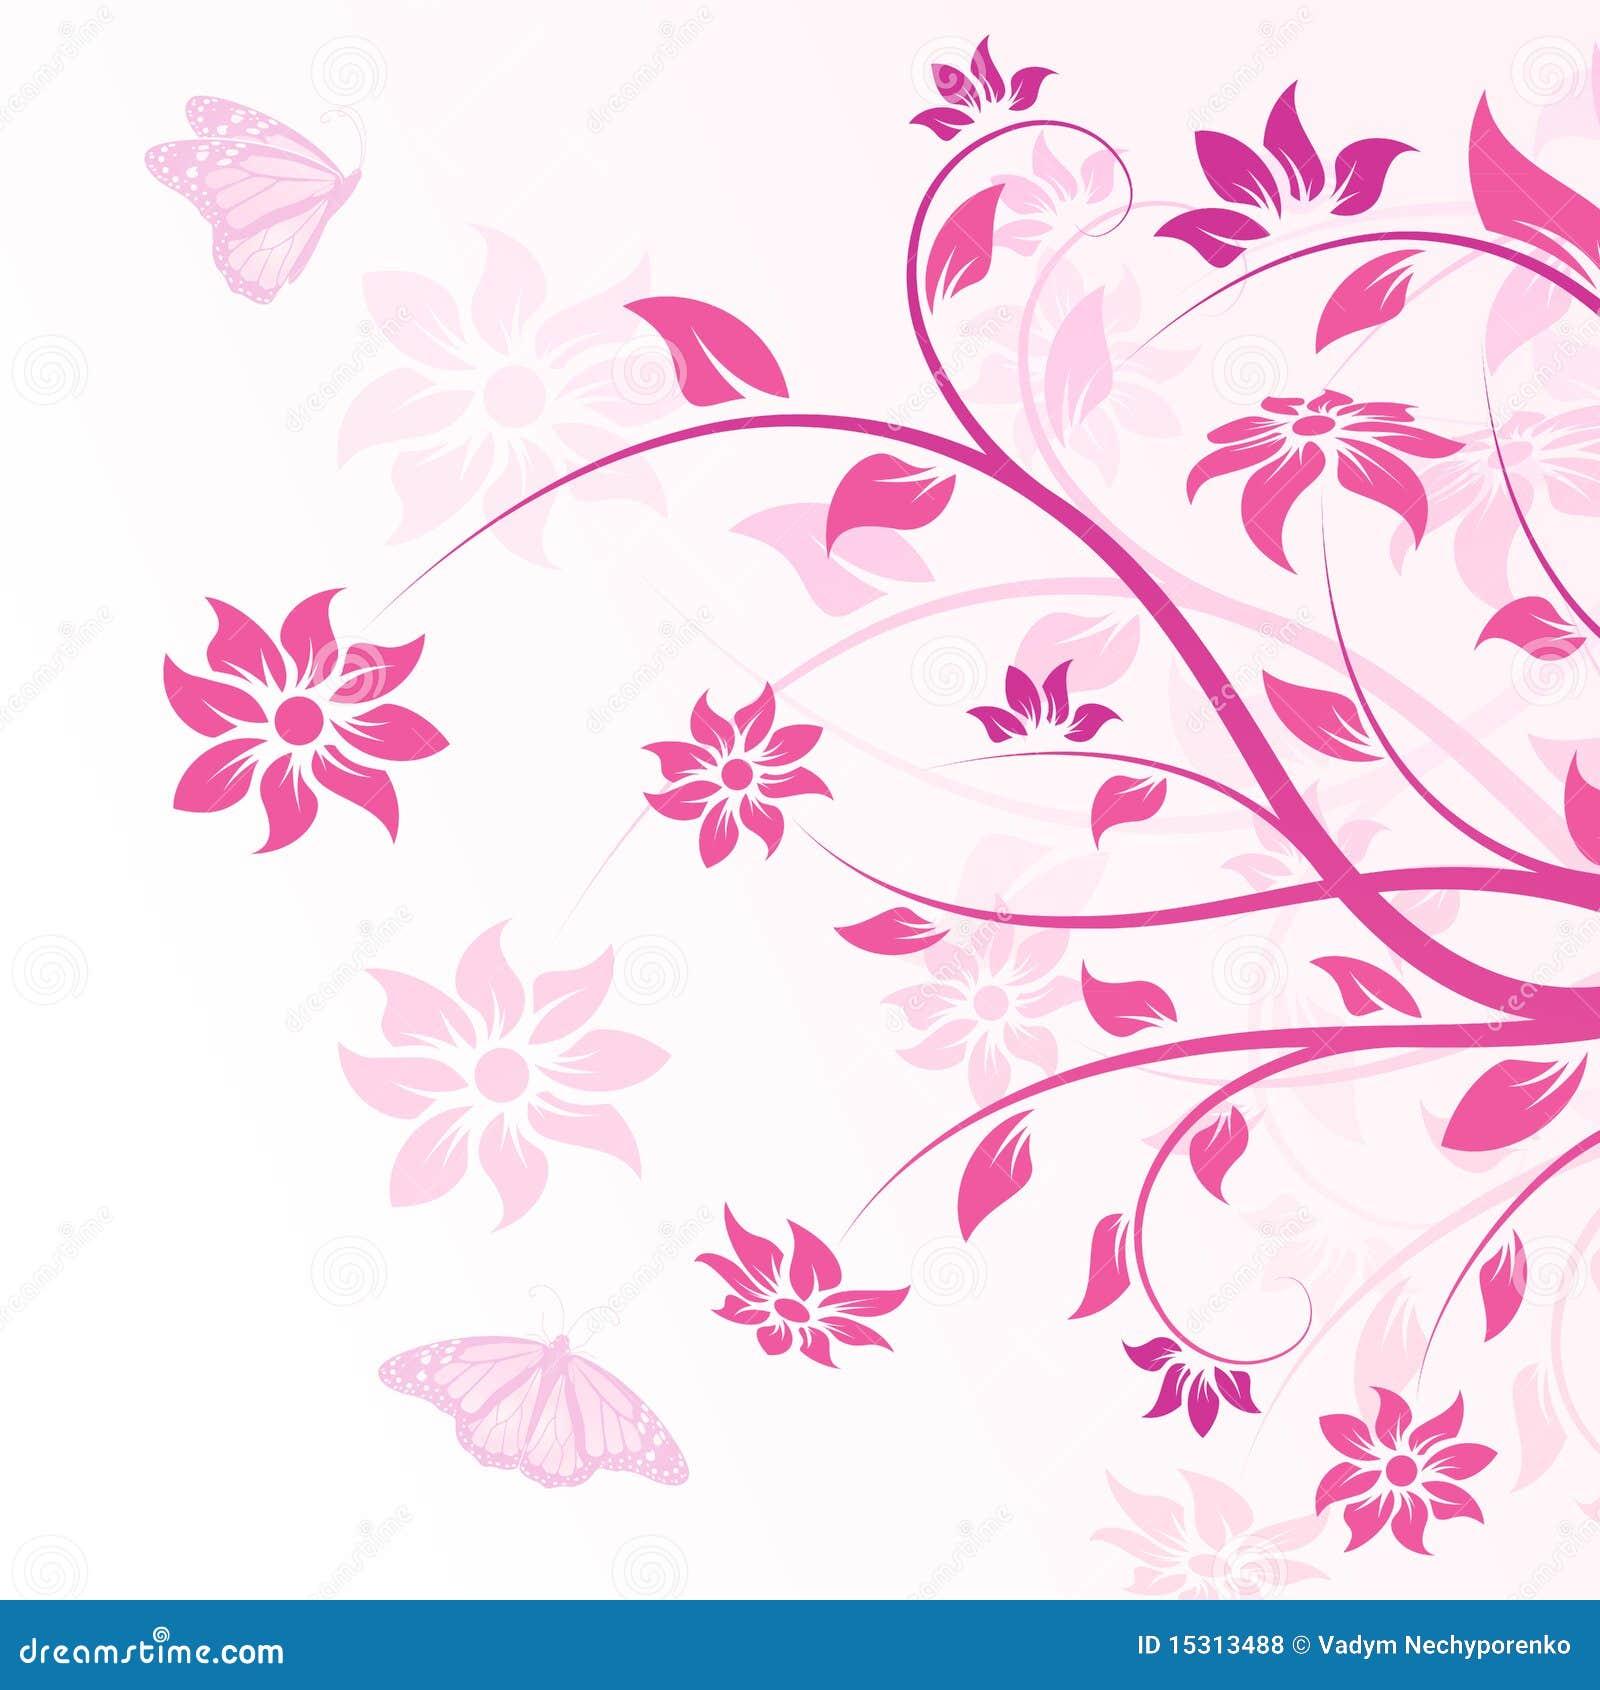 Wallpapers 1920x1200 Fondos de pantalla 1920x1200 2010 hd